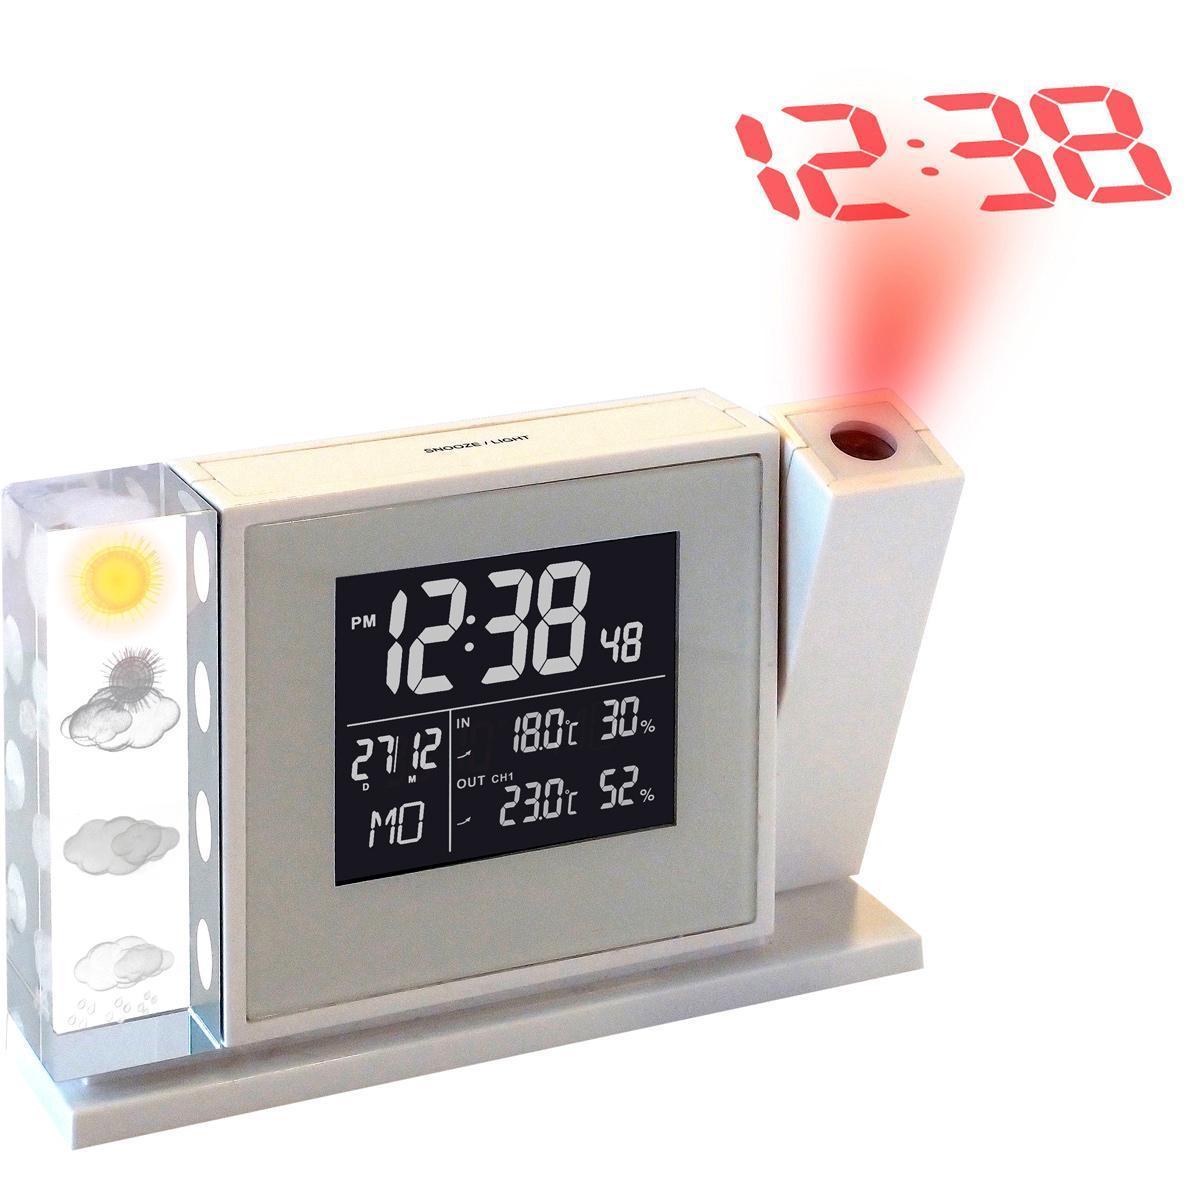 Station météo avec projection d'heure WakeUp INOLT02